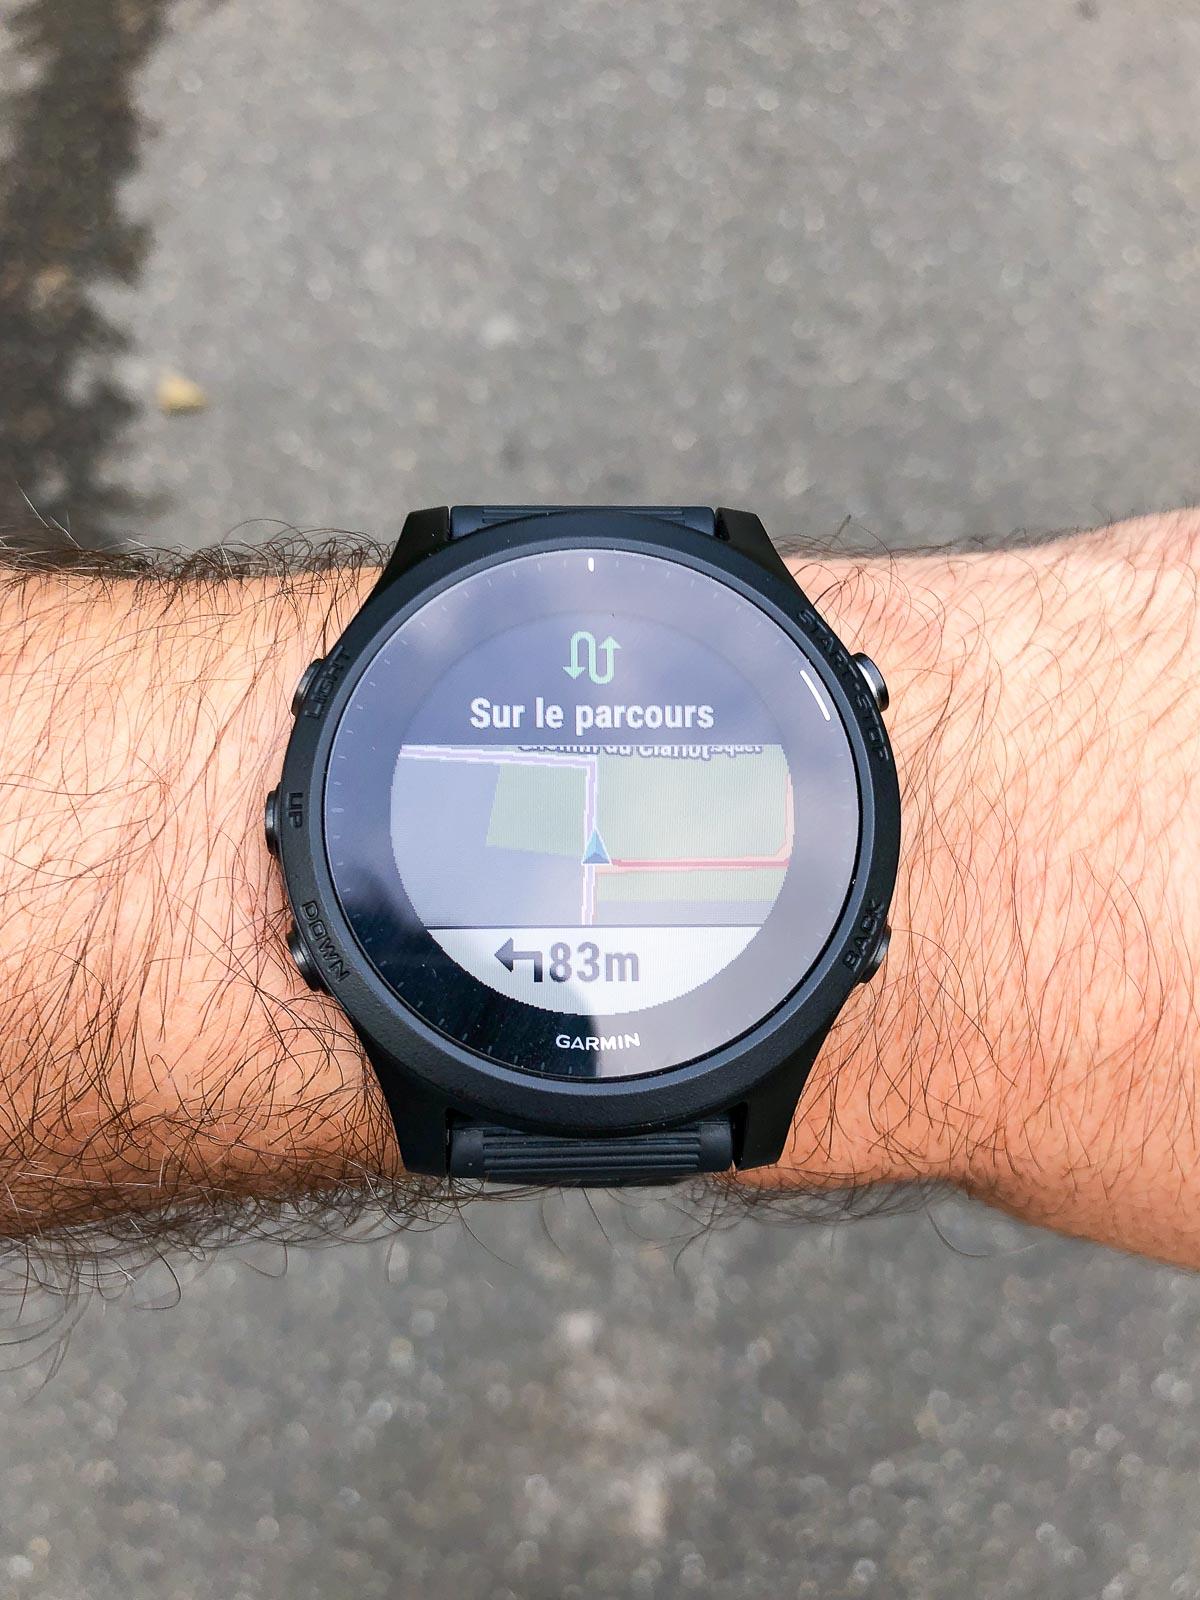 La montre indique quand on se trouve à nouveau sur le parcours (et également si on sort du parcours défini)